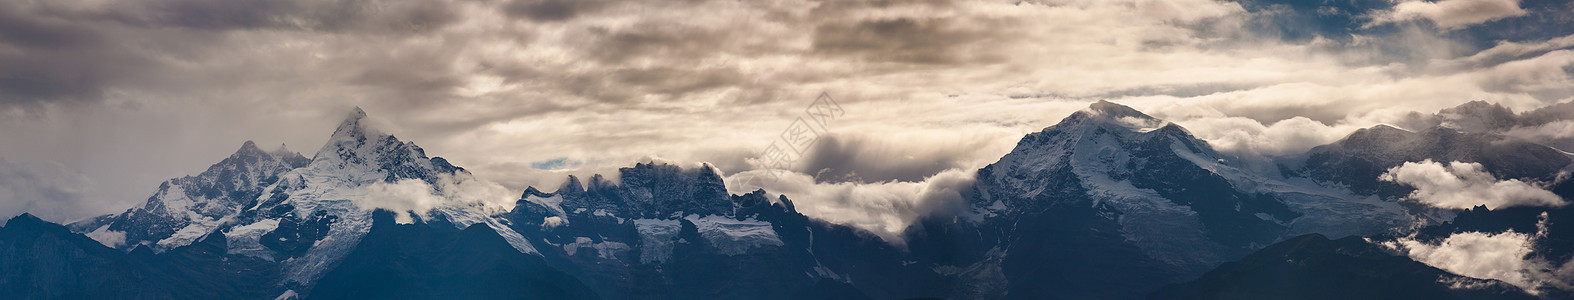 梅里雪山三峰图片